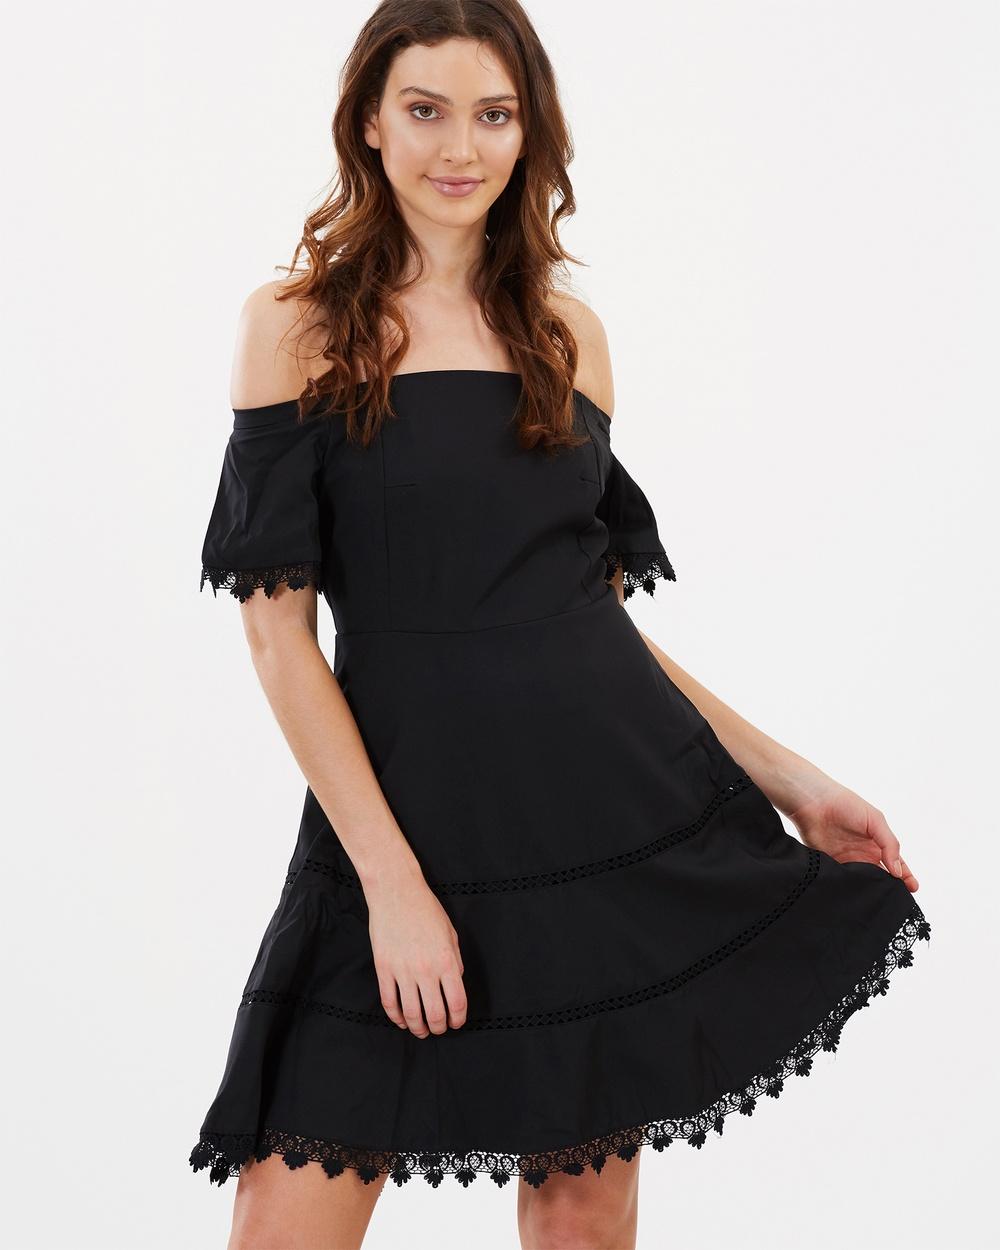 ROXCIIS Bella Off The Shoulder Cocktail Dress Dresses Black Bella Off The Shoulder Cocktail Dress